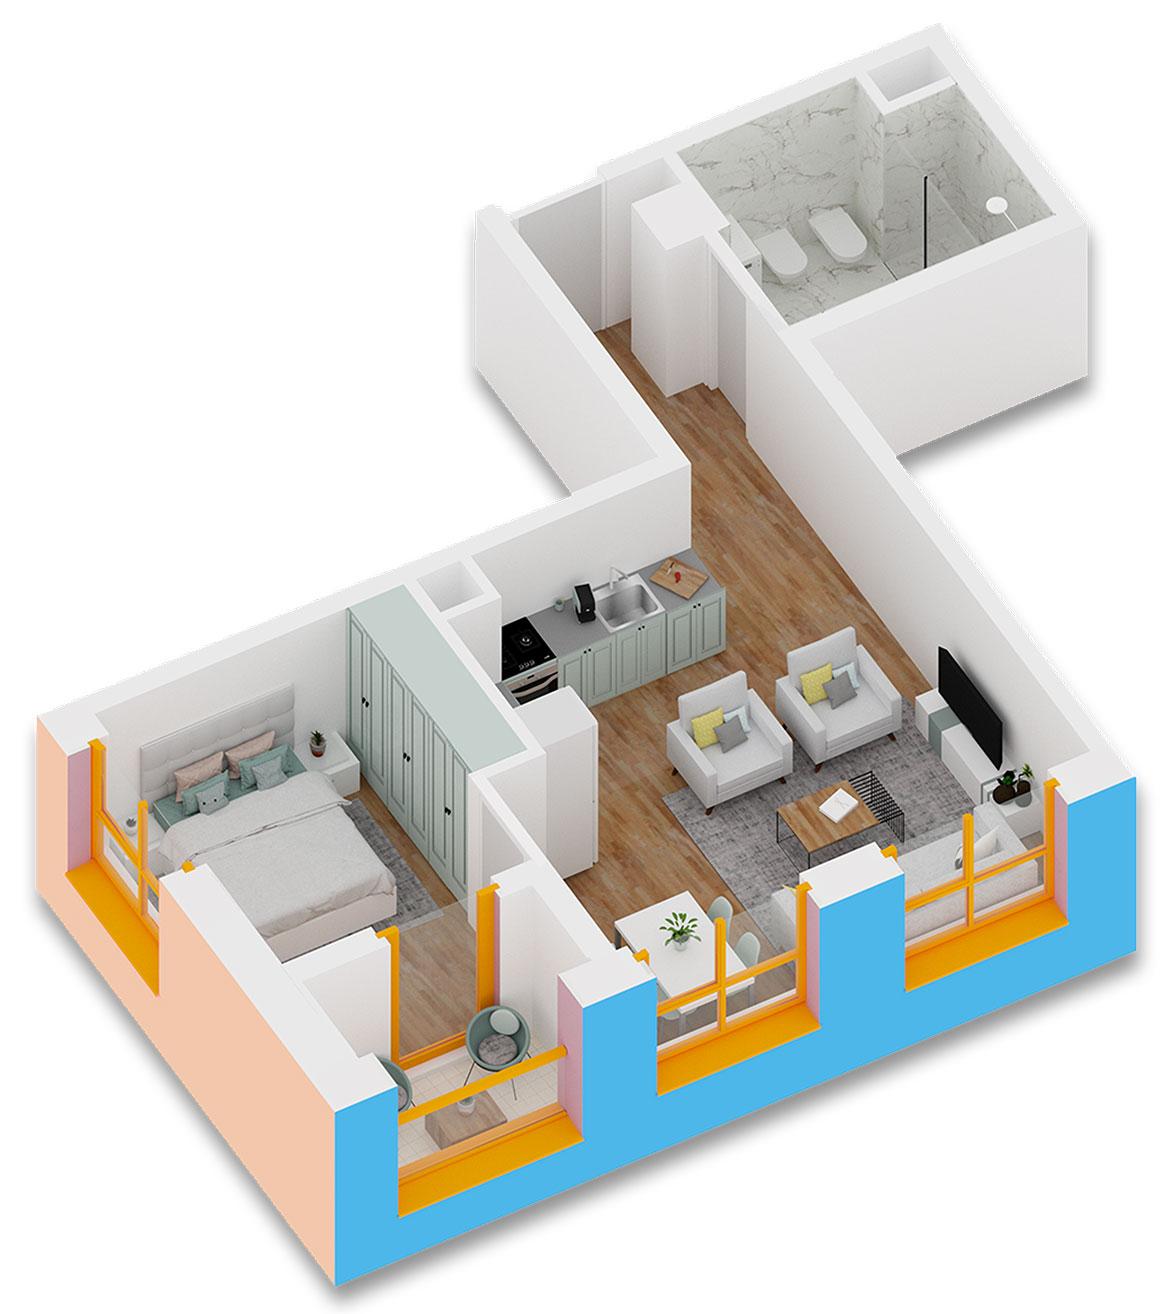 Apartament 1+1 në shitje në Tiranë - Mangalem 21 Shkalla  Kati 6